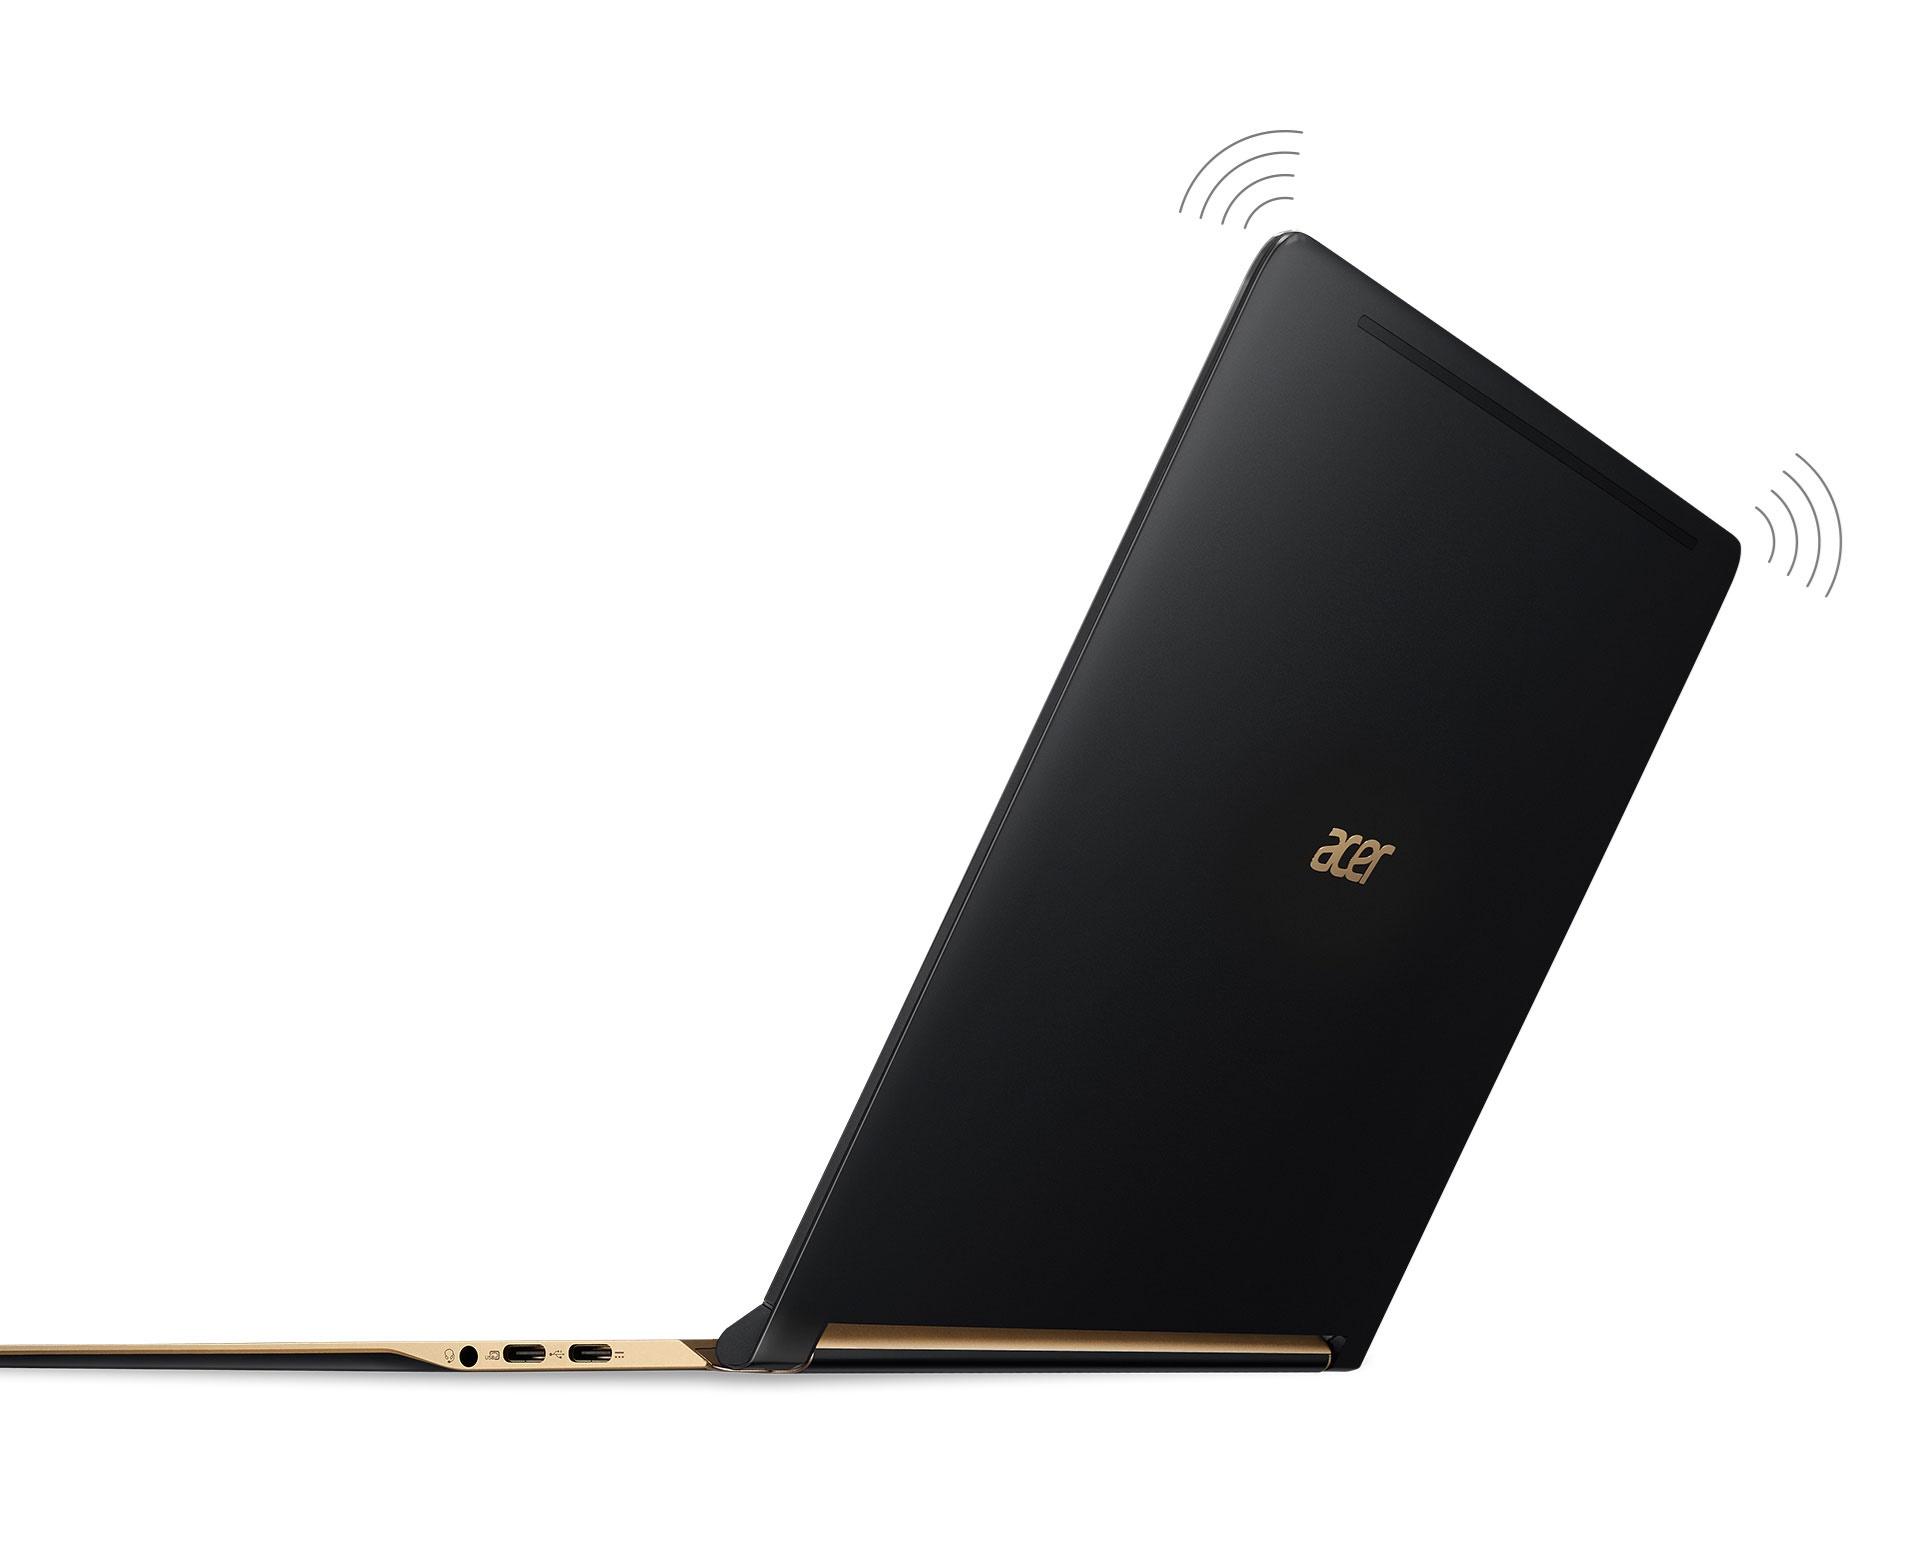 عرضه سوئیفت ۷ ظریفترین لپتاپ جهان به قیمت ۱۱۰۰ دلار